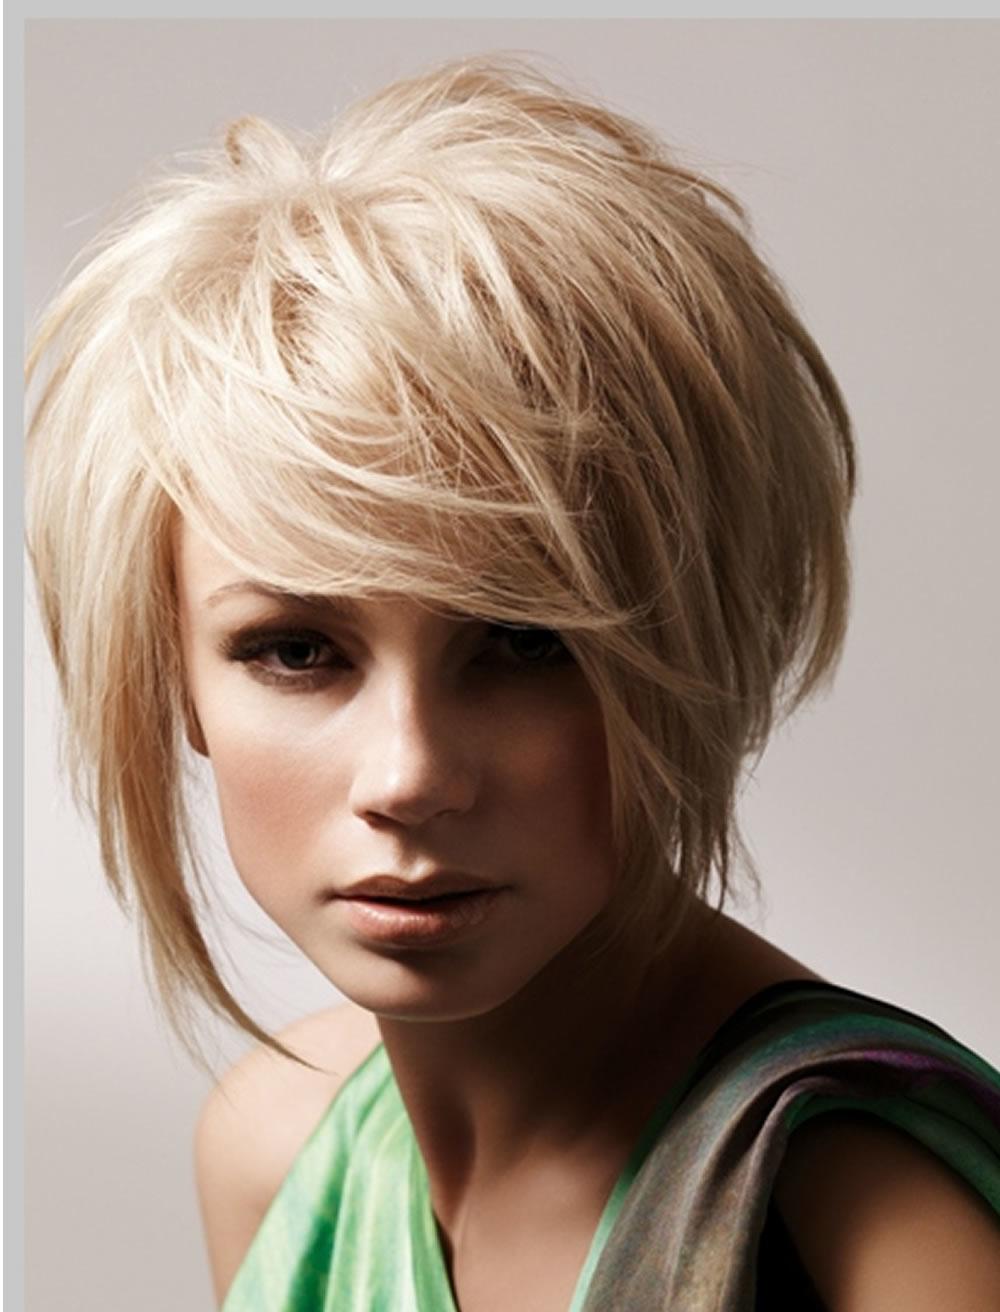 Cute Short Blonde Hairstyles 2018 – Best Short Hairstyles Regarding Short Blonde Hair With Bangs (View 18 of 25)